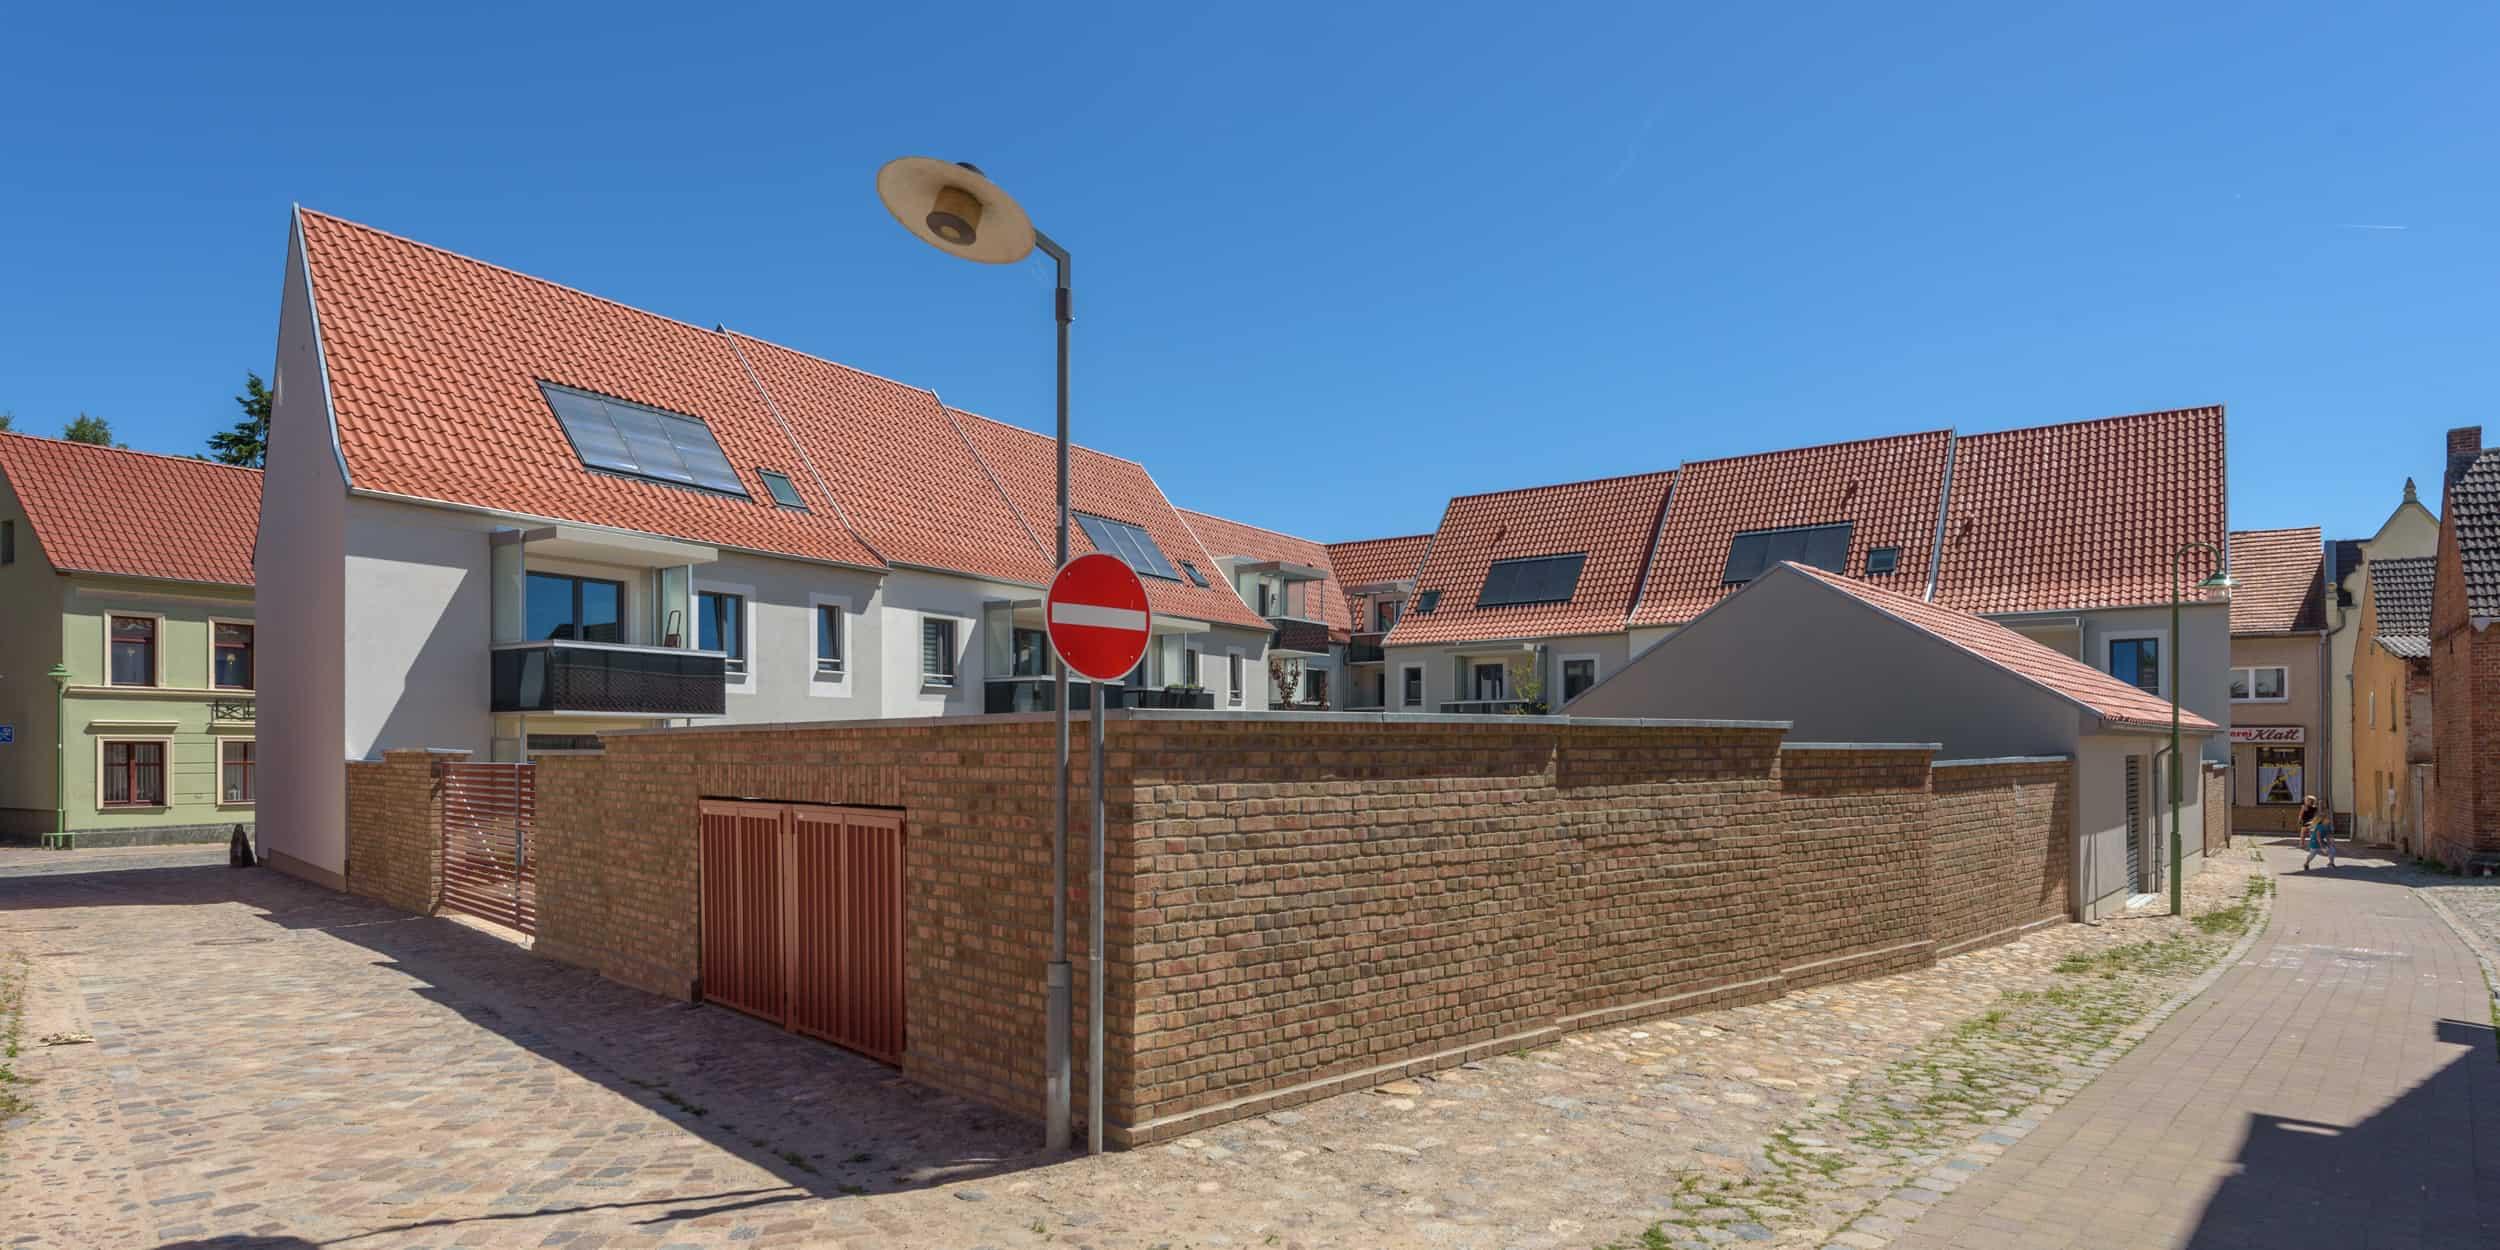 Historische Altstadt - Altentreptow